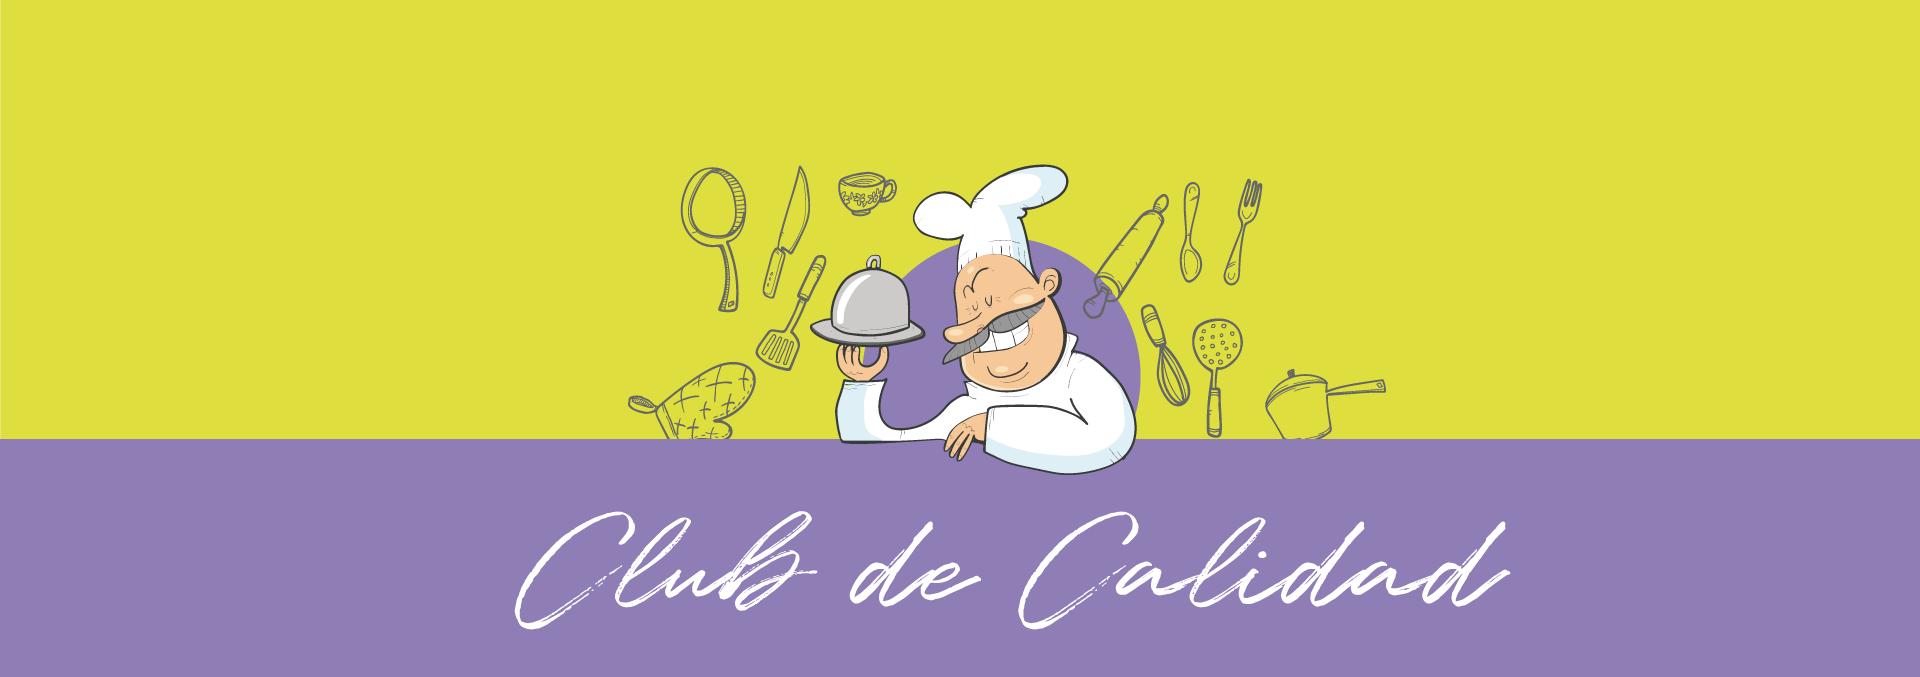 Club de Calidad - Alimentos de Palencia